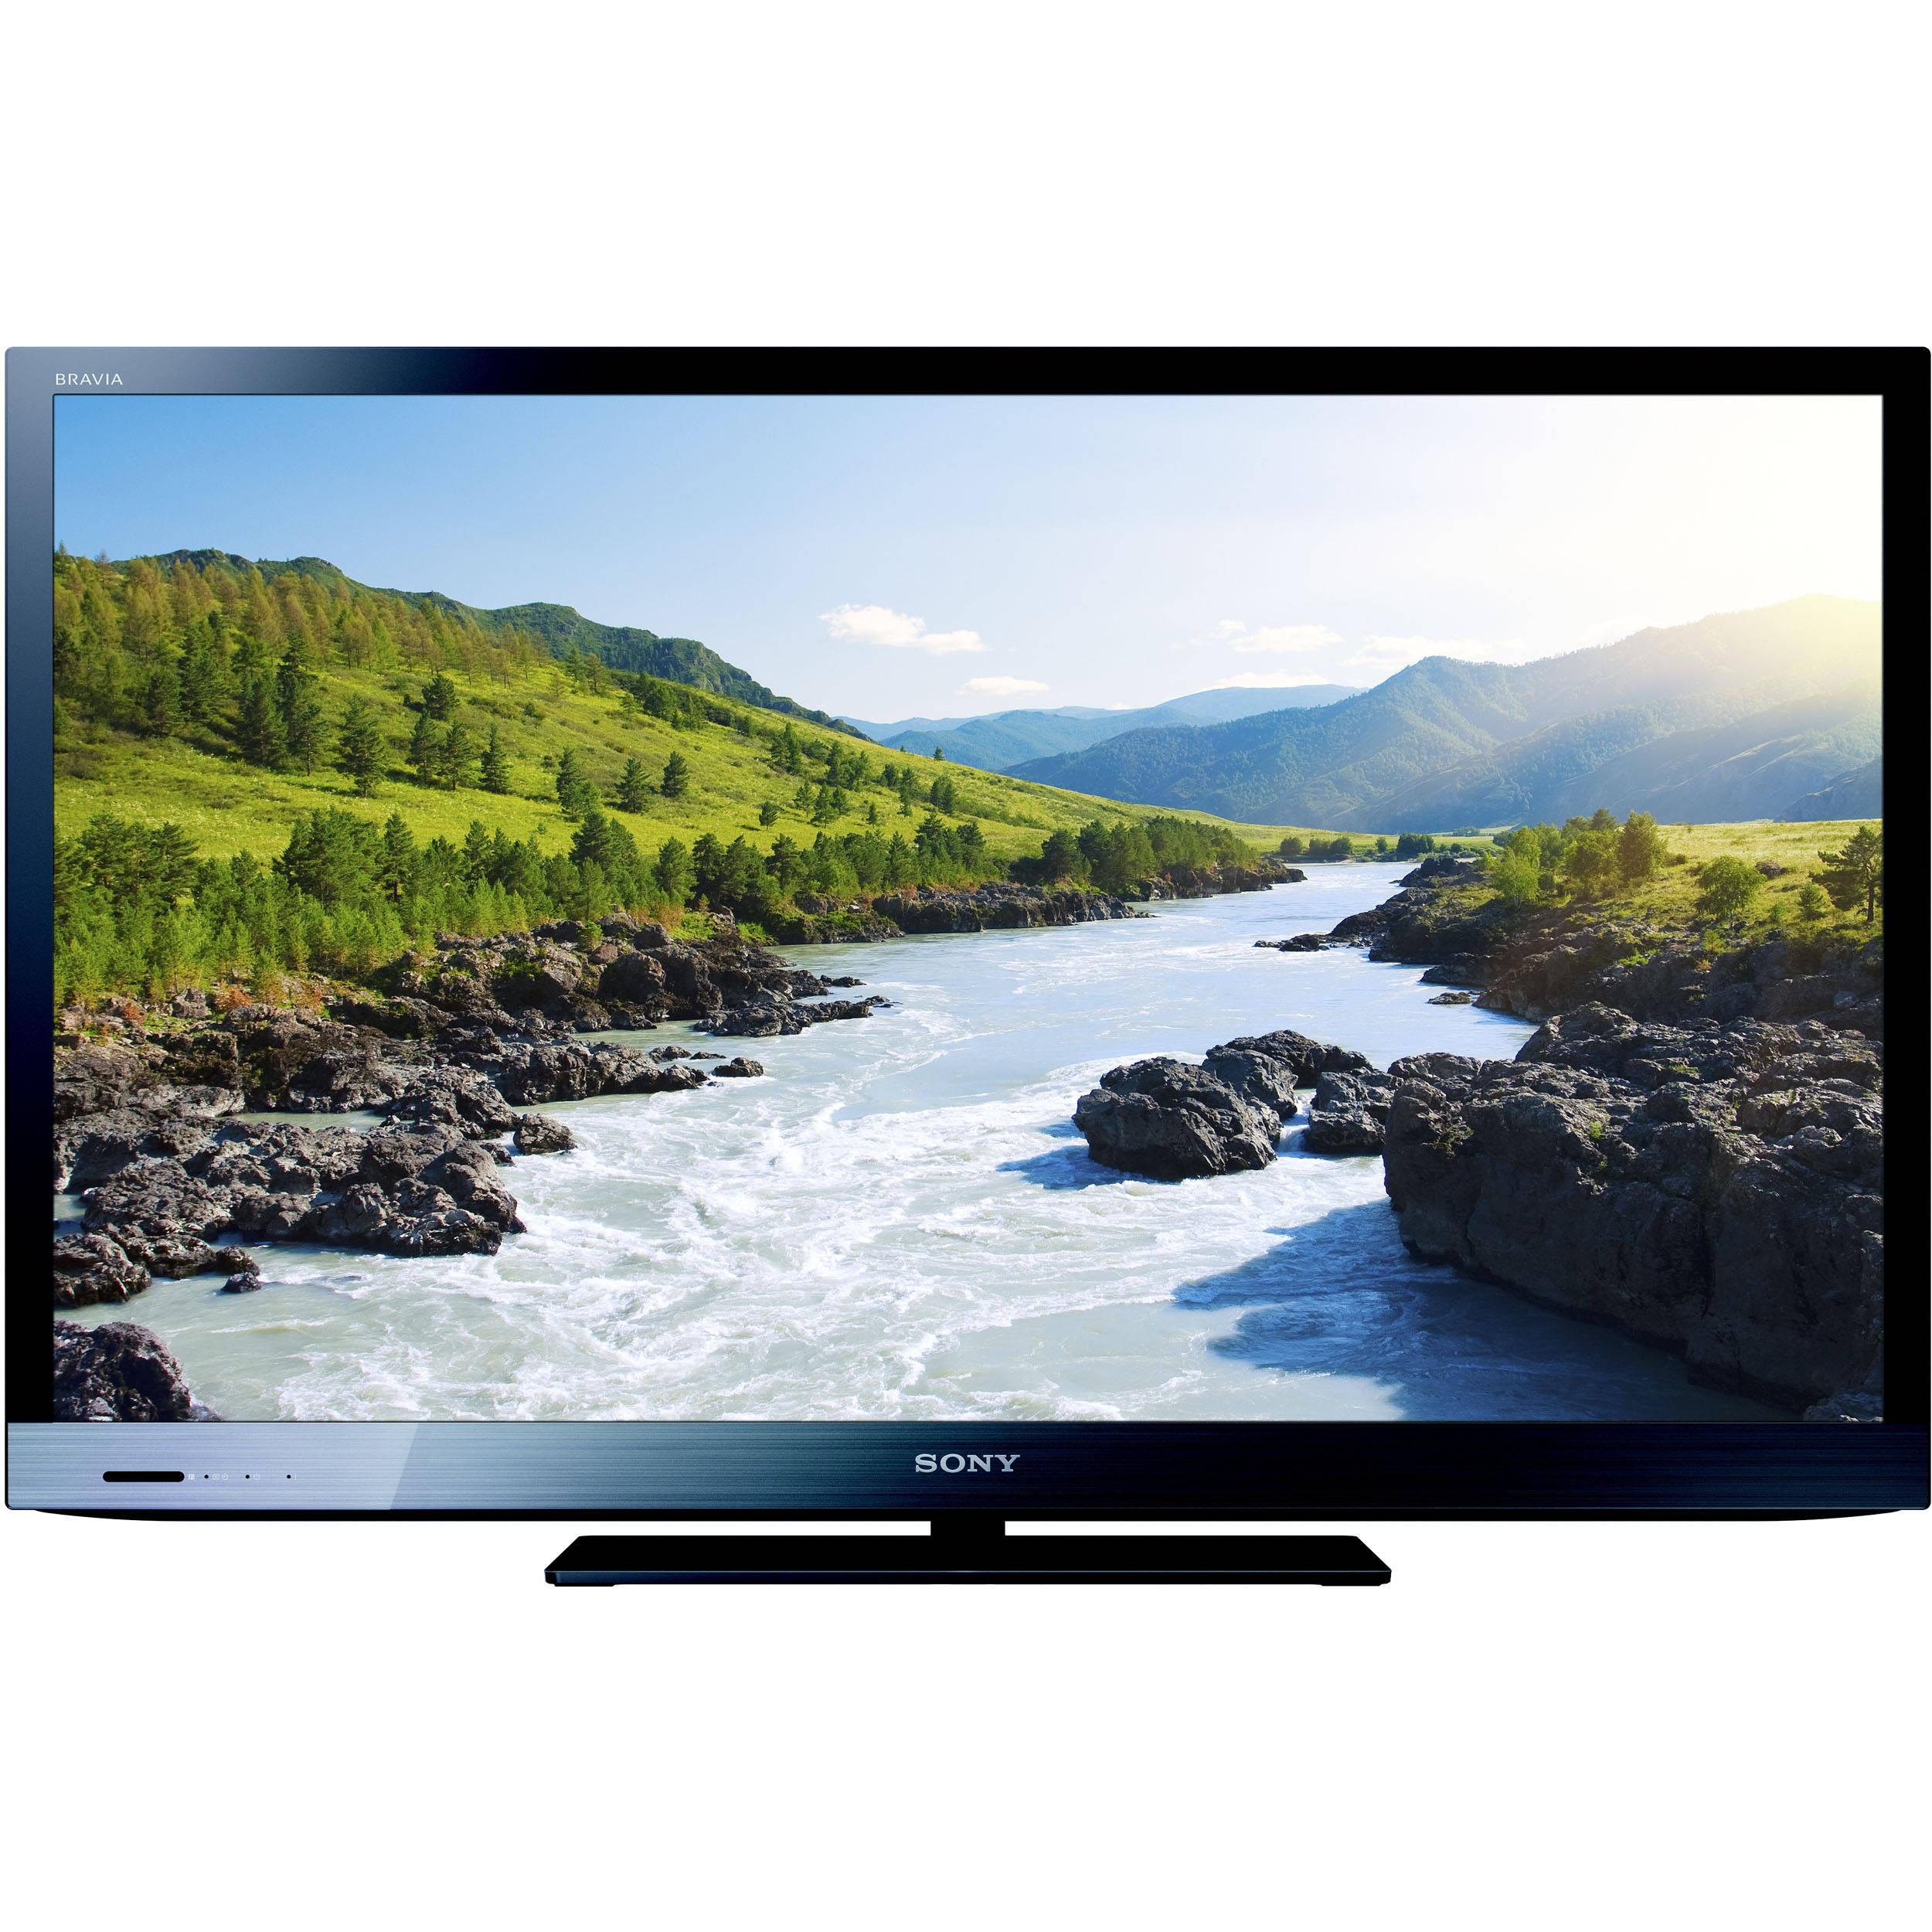 Sony BRAVIA KDL-40CX520 HDTV Vista